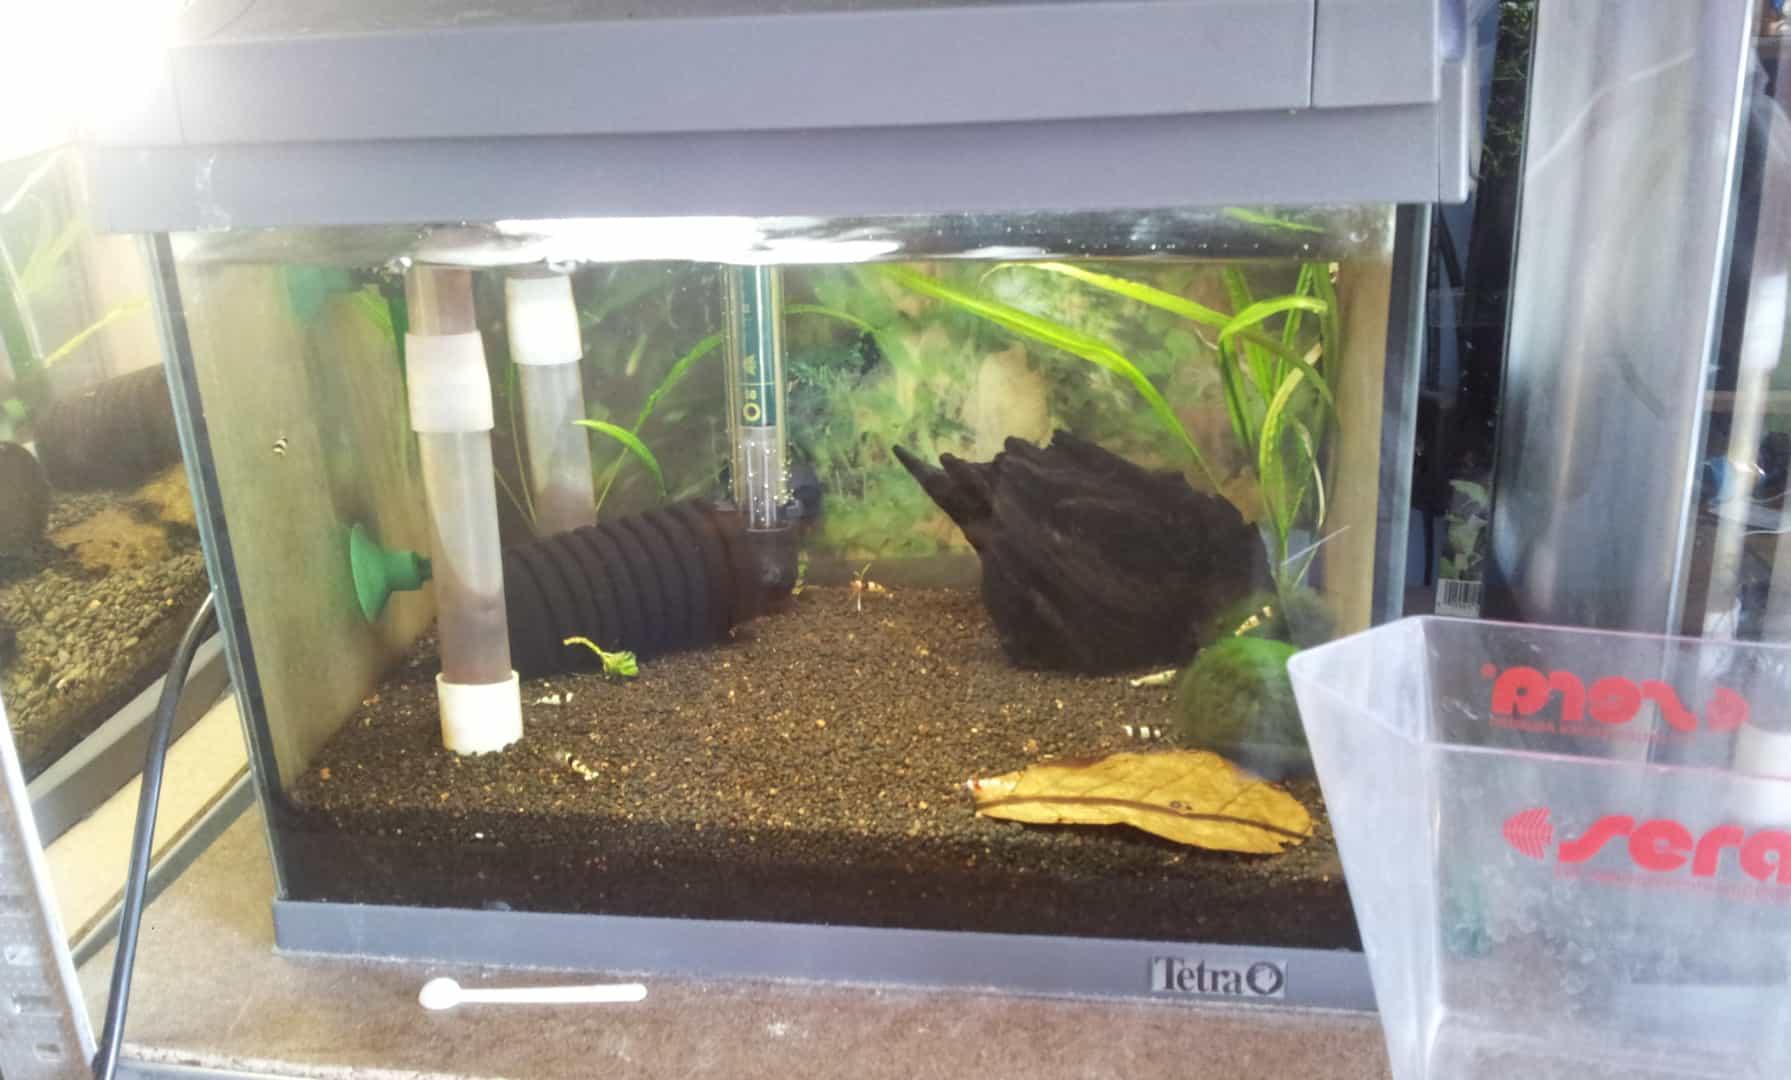 262: Garnelen im Aquarium halten - So machst du deinen Filter garnelensicher 9